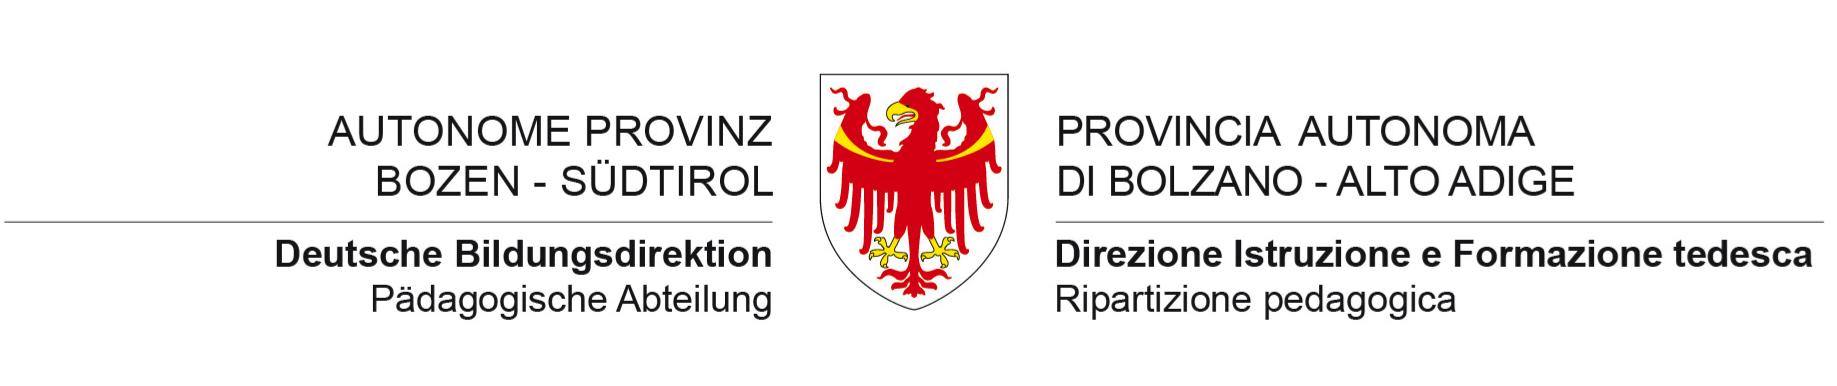 Direzione Istruzione e Formazione tedesca